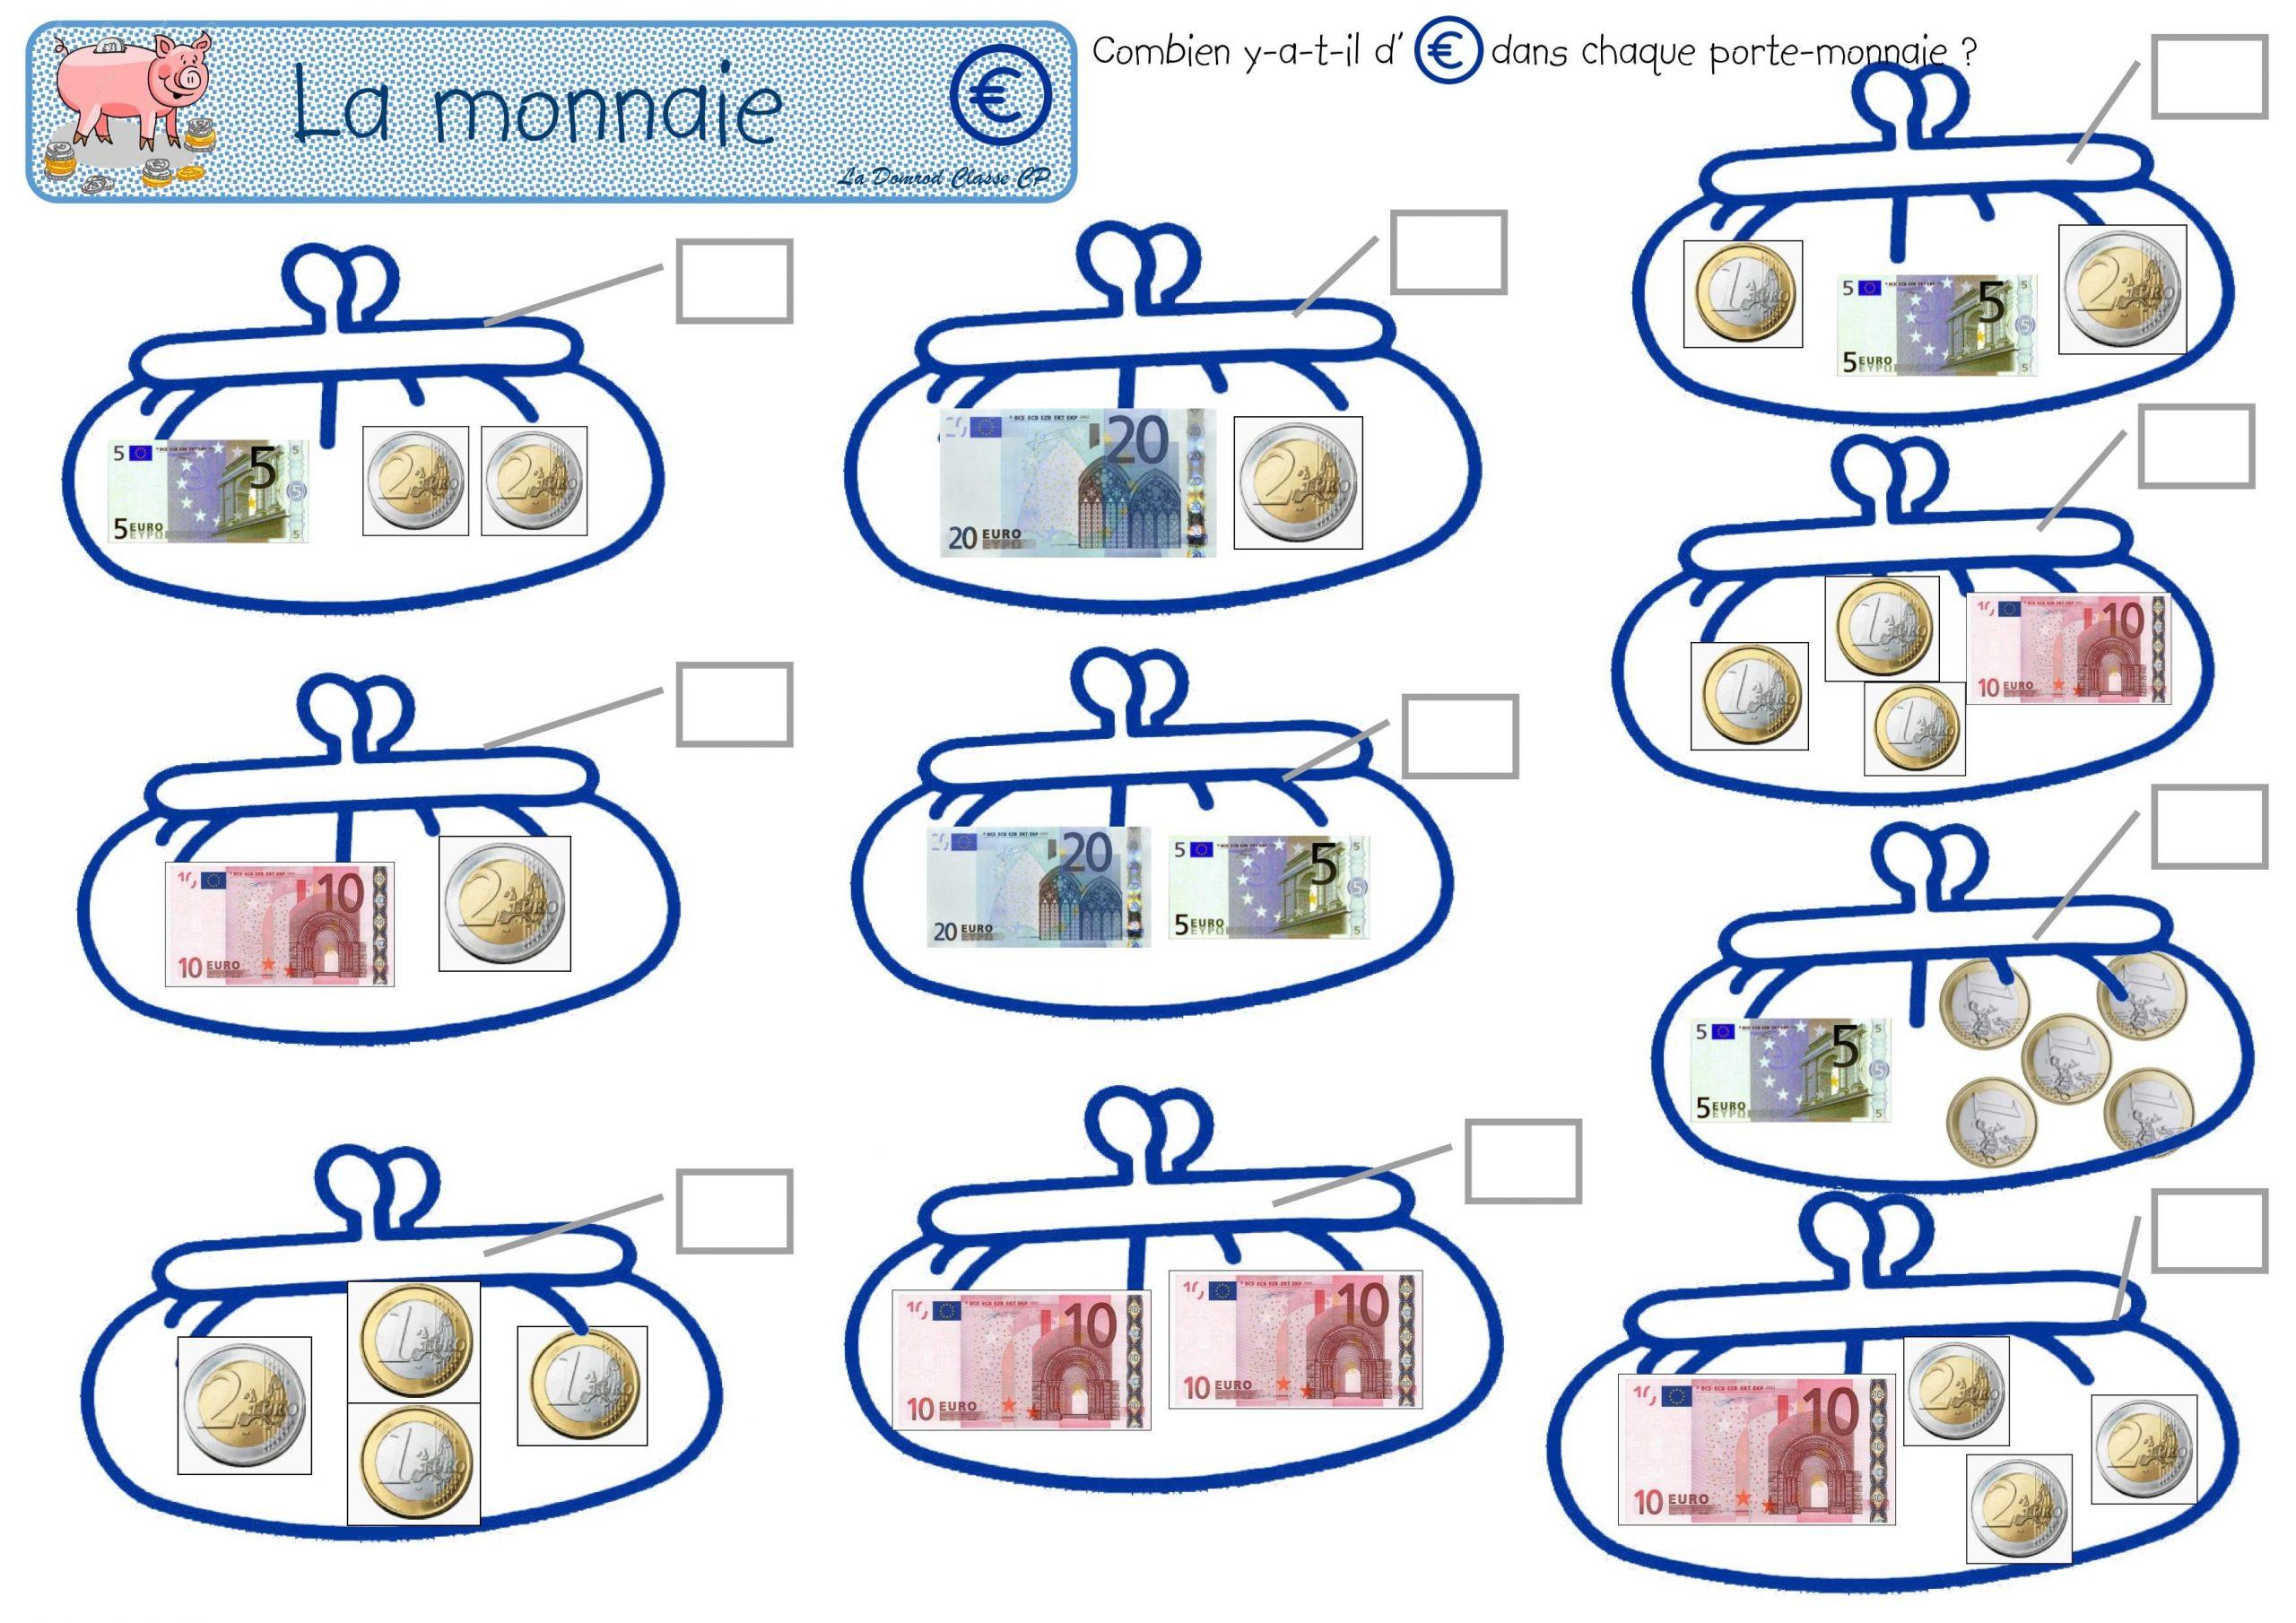 Les Euros, Petits Problèmes Mercantiles | La Monnaie Ce1 dedans Pièces Et Billets En Euros À Imprimer